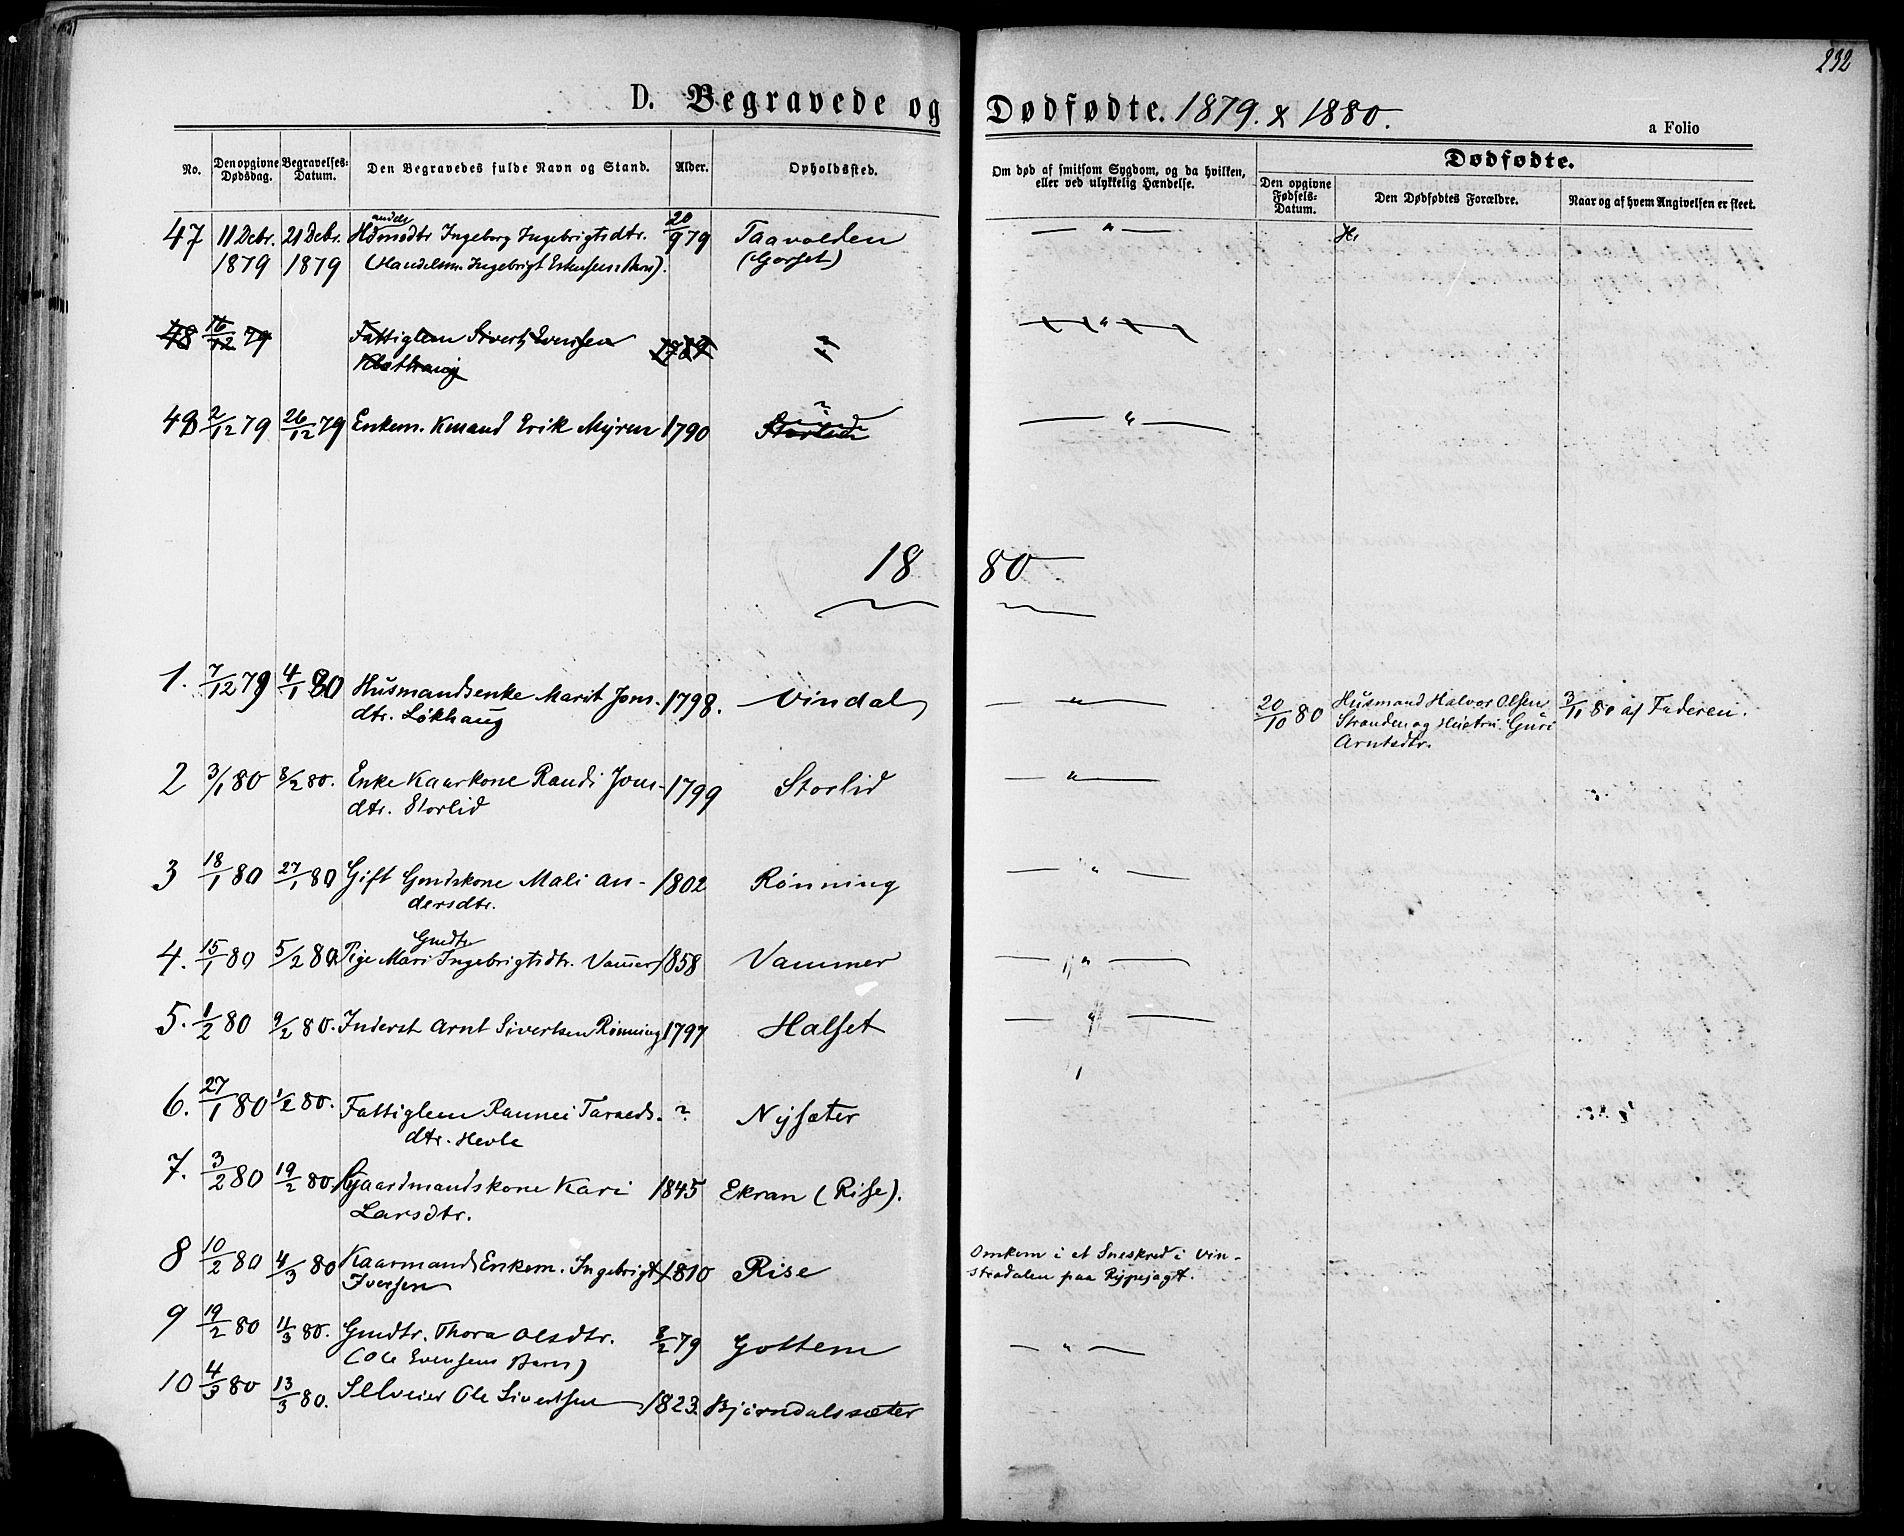 SAT, Ministerialprotokoller, klokkerbøker og fødselsregistre - Sør-Trøndelag, 678/L0900: Ministerialbok nr. 678A09, 1872-1881, s. 232